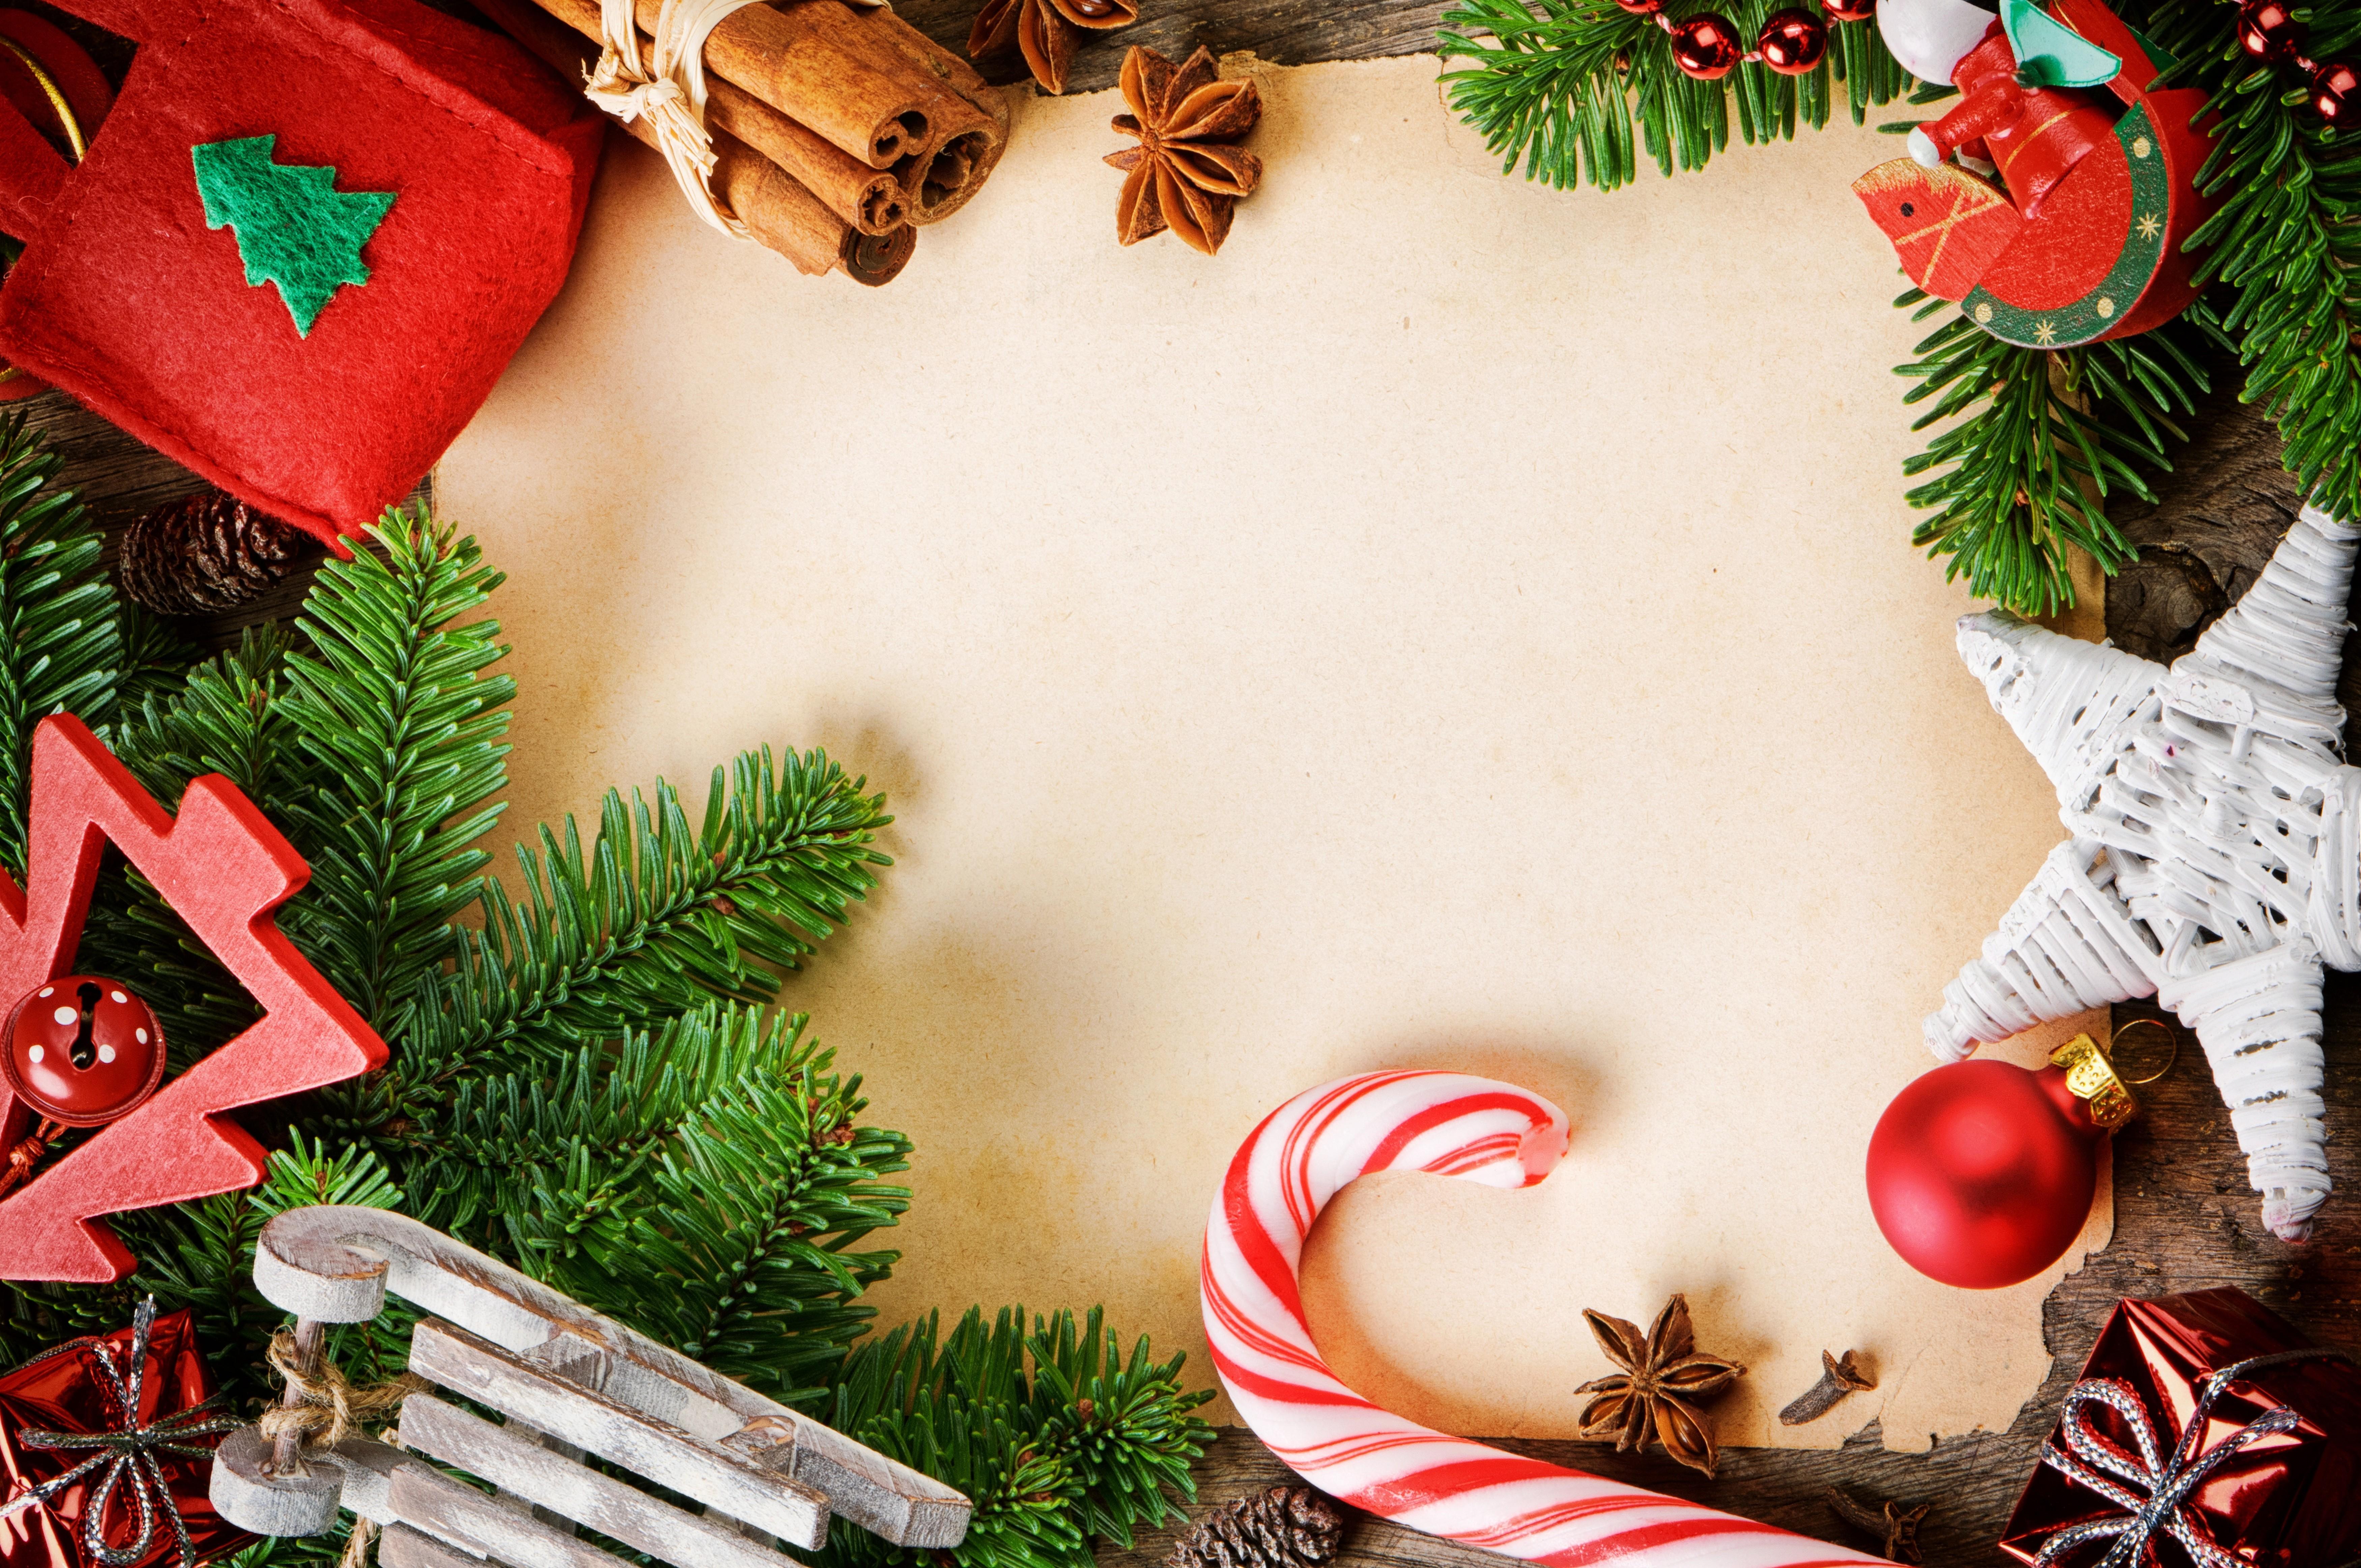 посте поздравления с наступающим новым годом вам клинкерные панели считаются